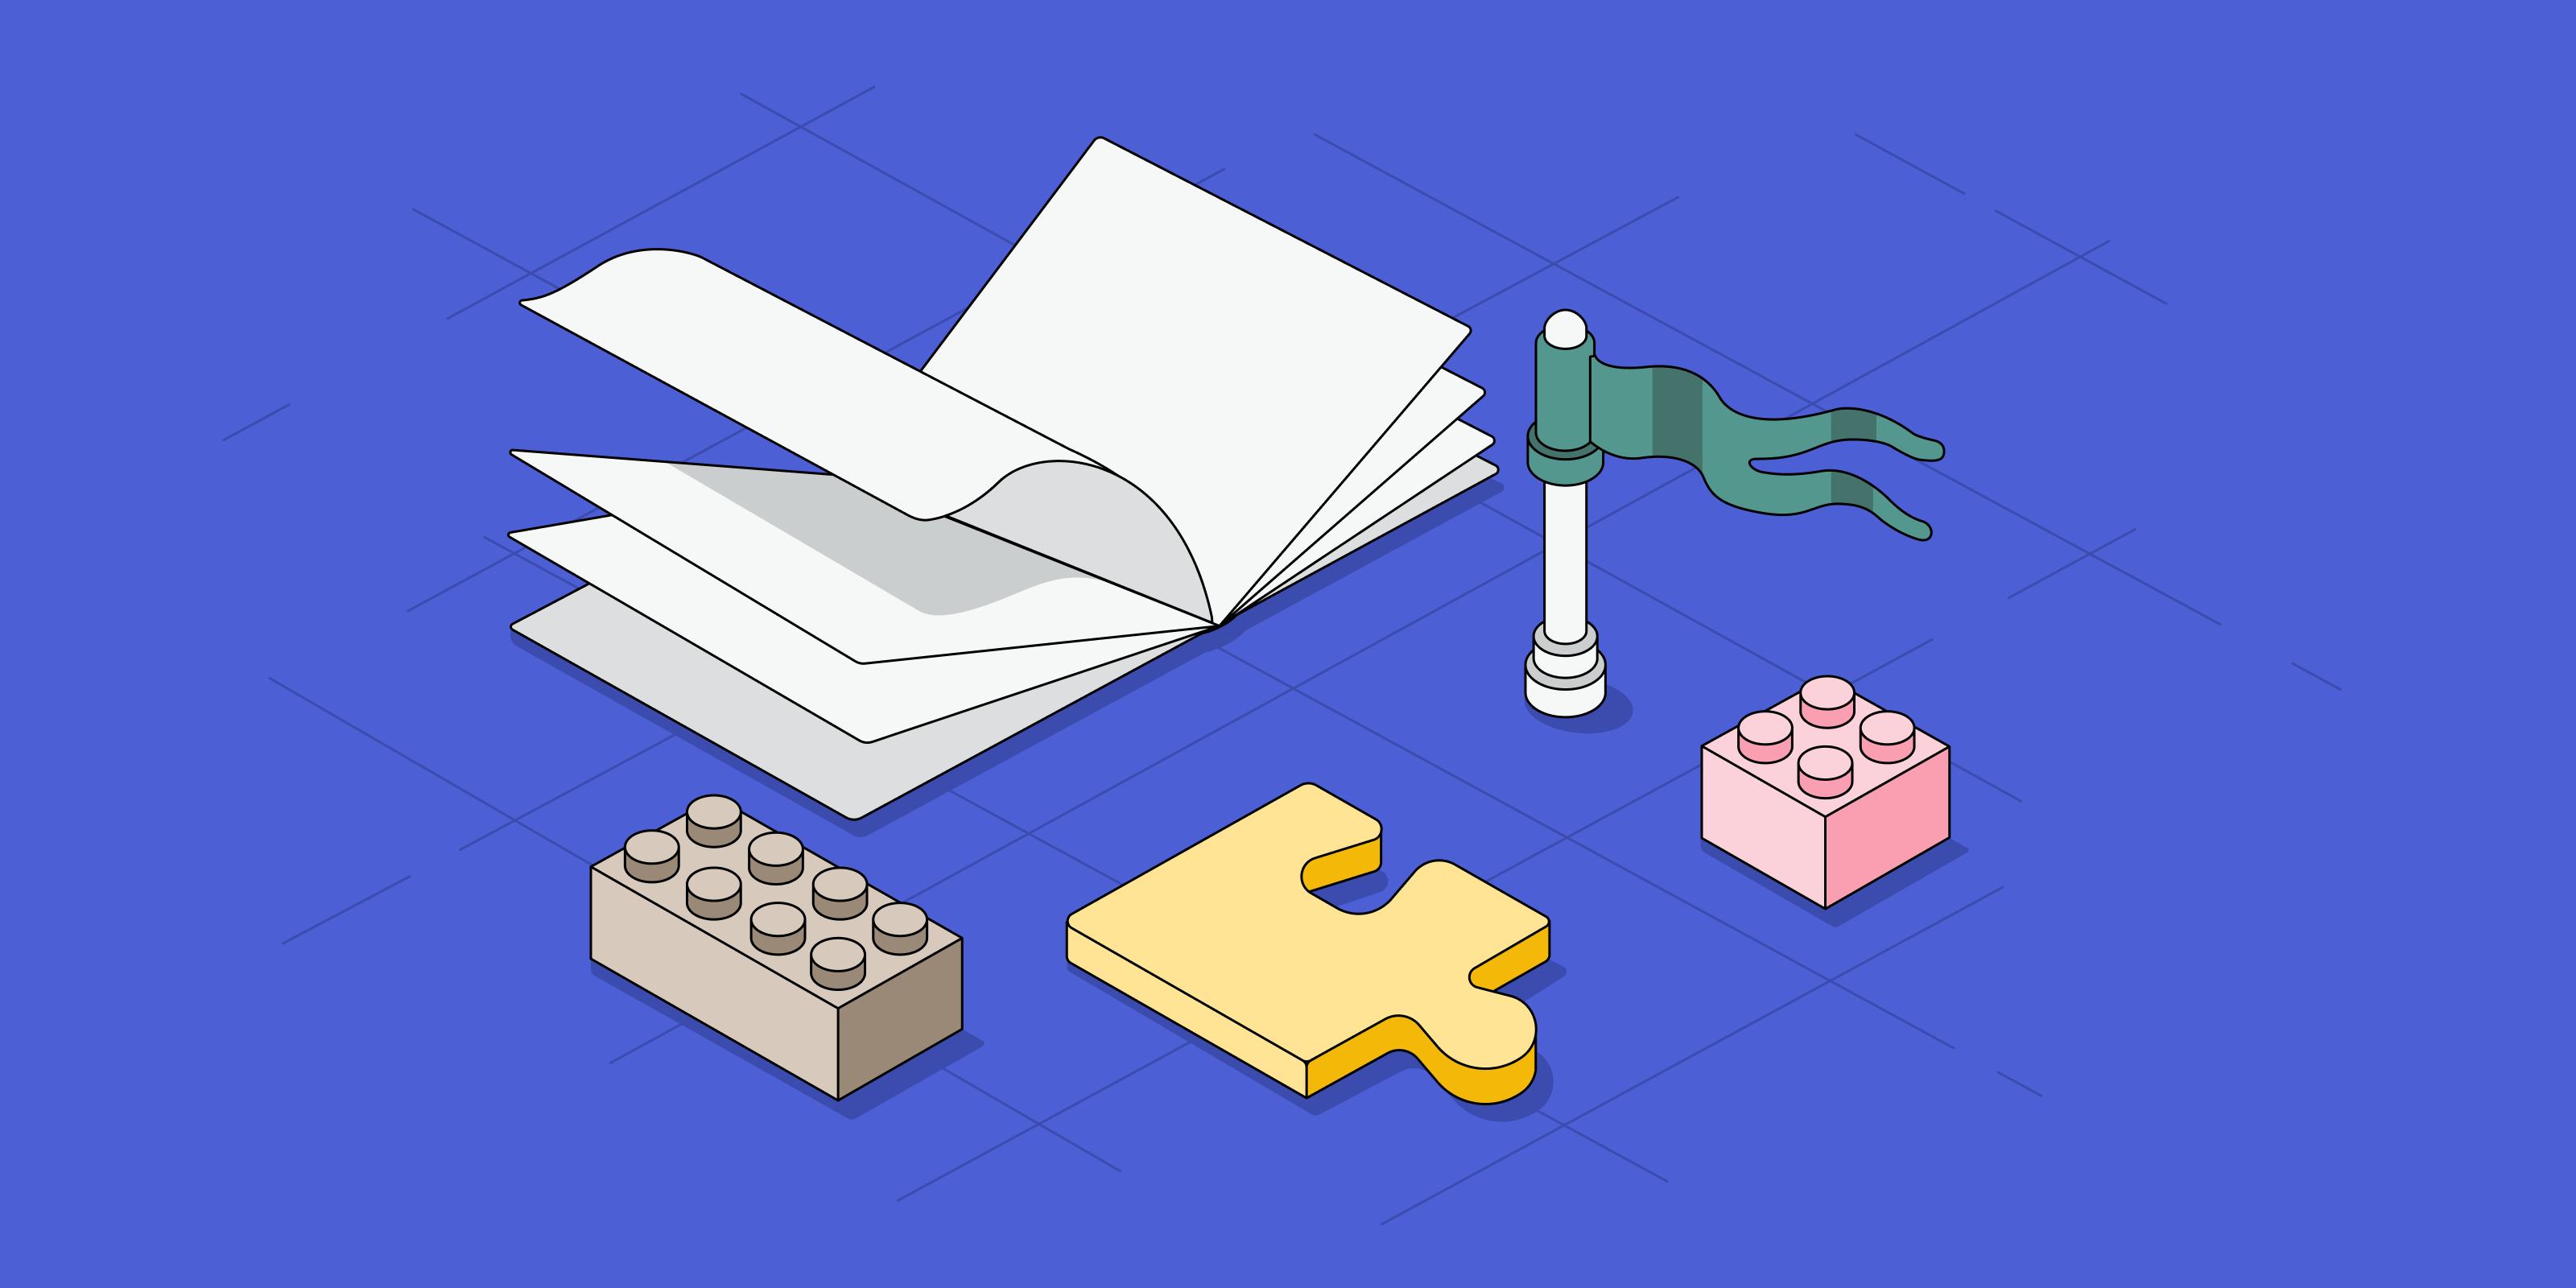 Document design milestones with decisions